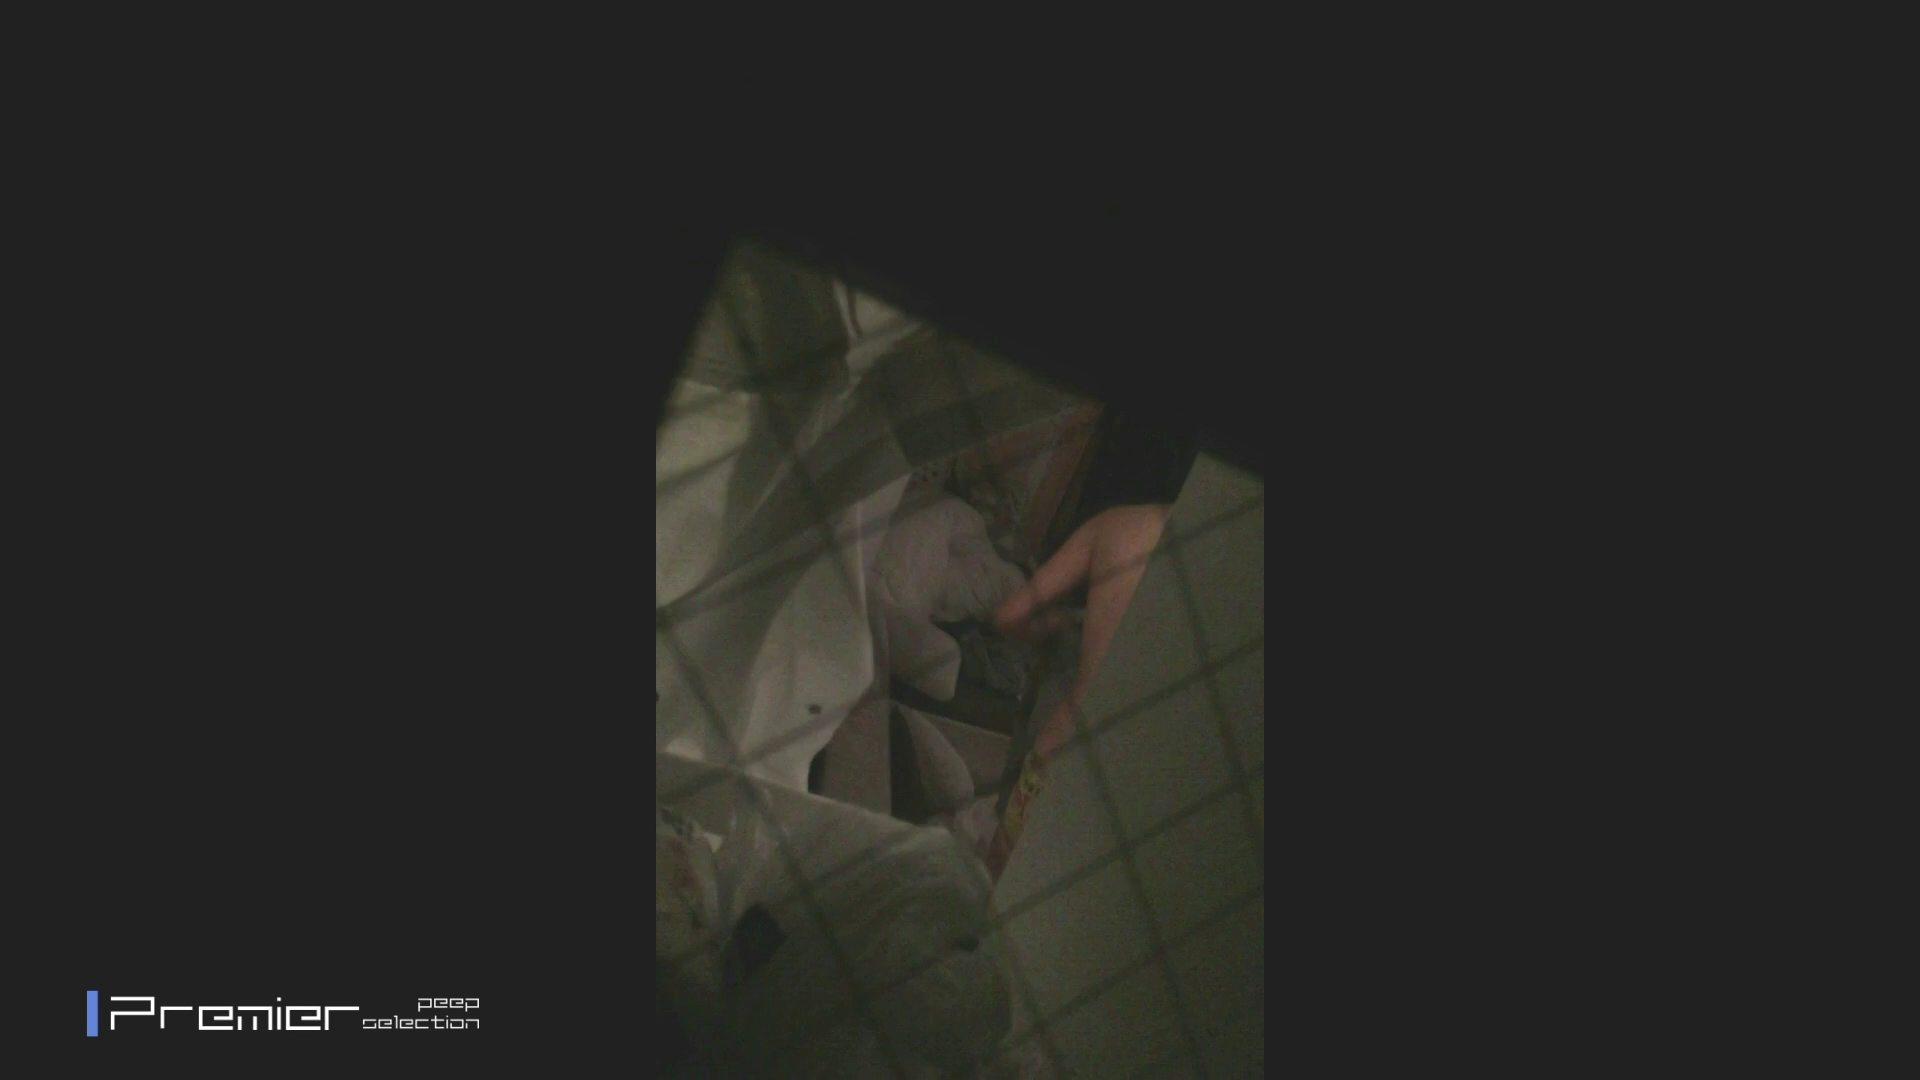 未公開★現役モデルのシャワー  美女達の私生活に潜入! シャワー室 すけべAV動画紹介 108画像 107